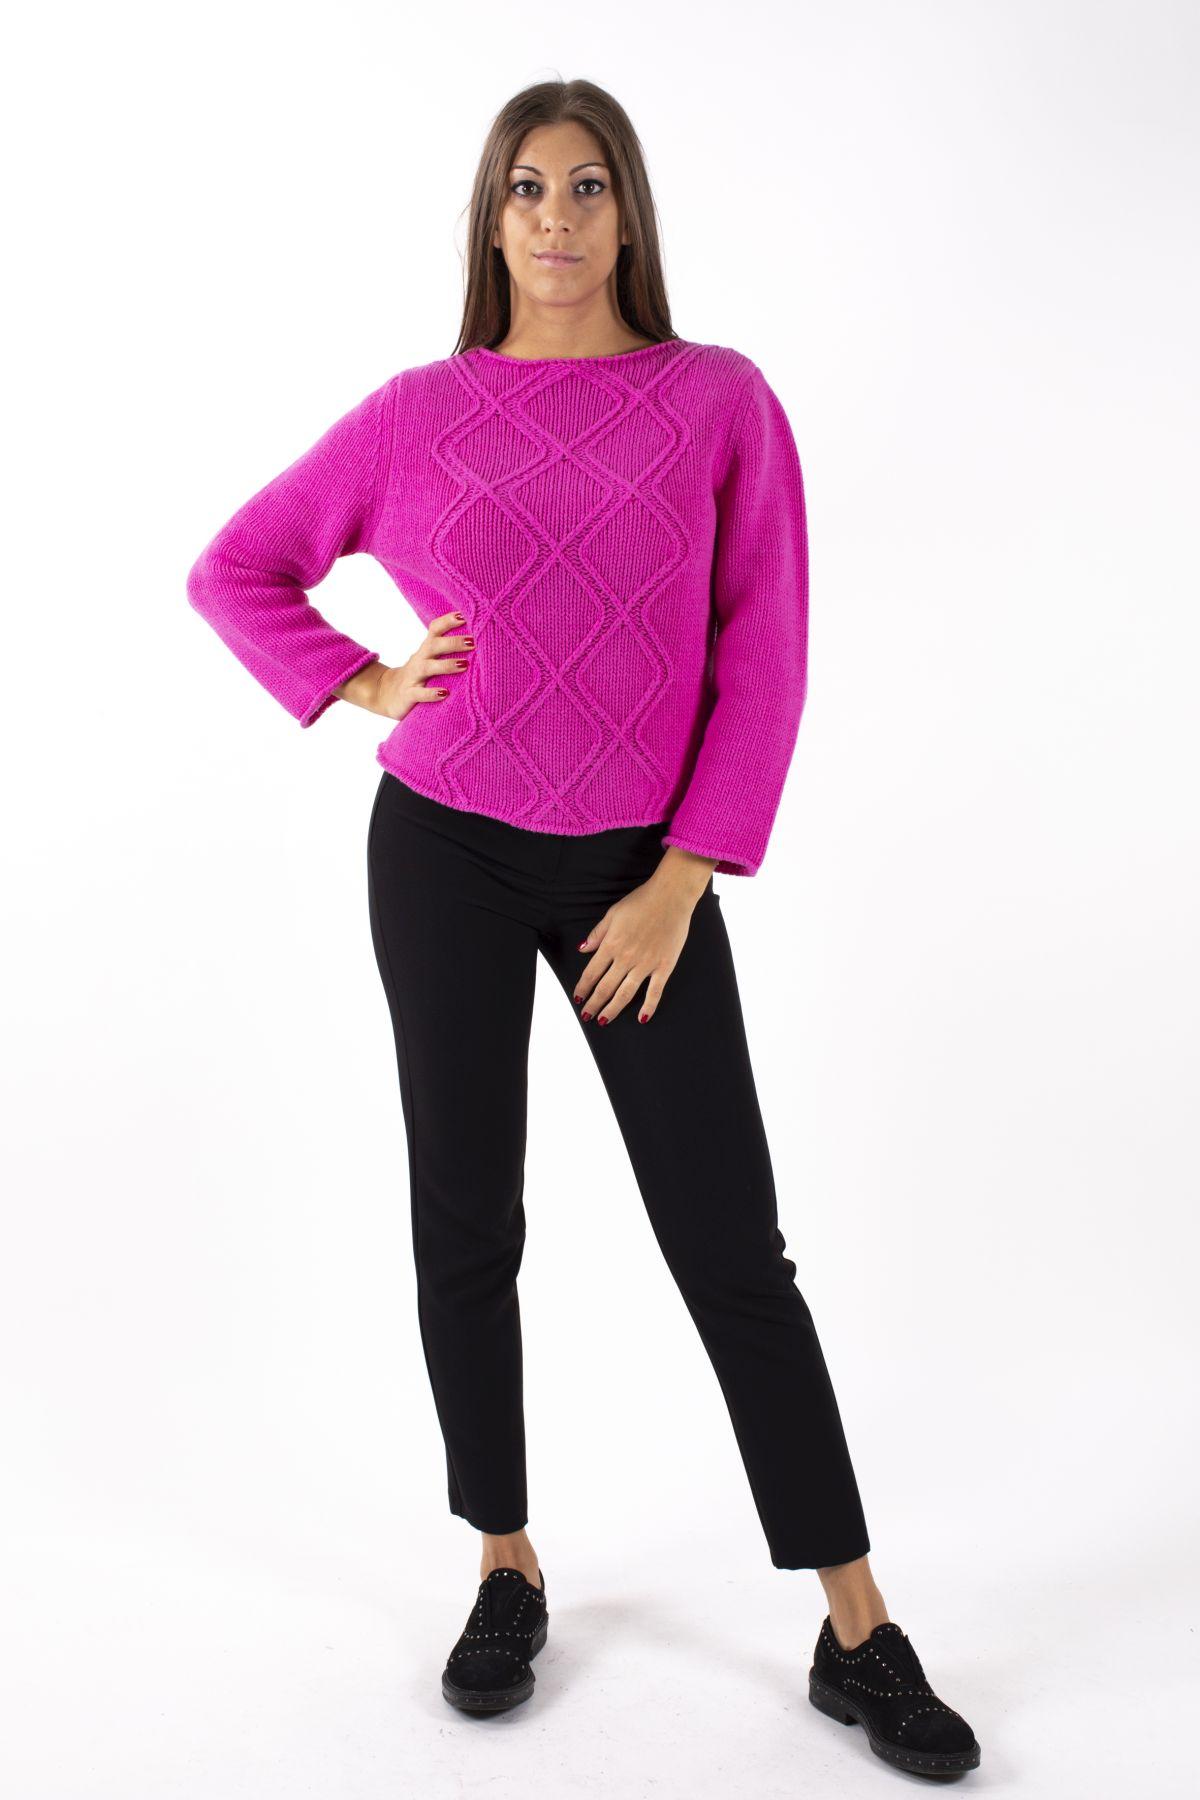 MAGLIA GIROCOLLO IN PURA LANA CON LAVORAZIONI SUL DAVANTI  for woman - PINK - Paquito Pronto Moda Shop Online